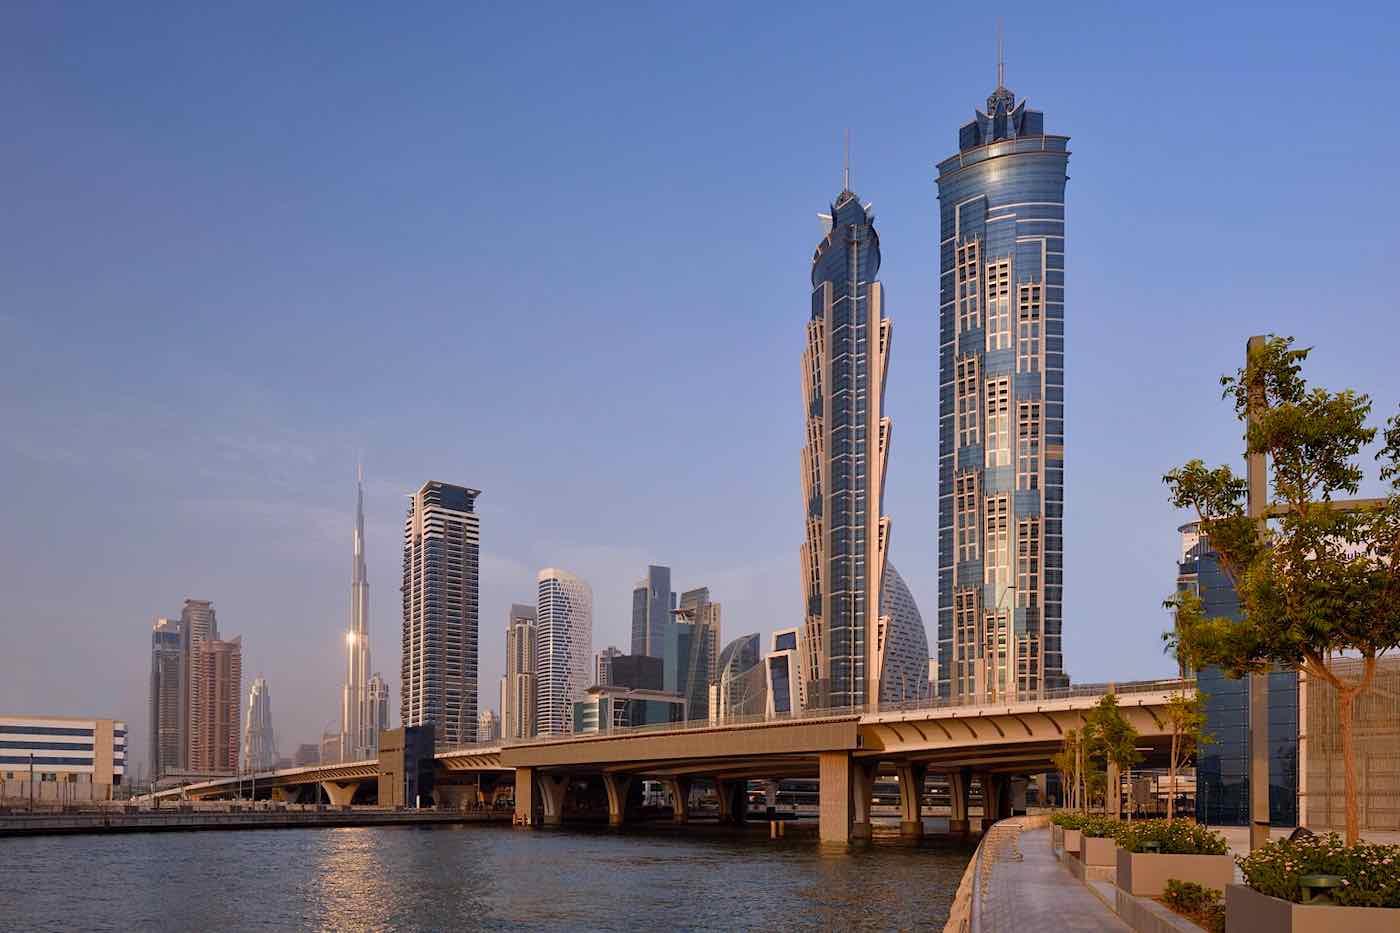 Vuele a Dubai en Emirates y gánese una estancia gratuita de dos noches en uno de los hoteles más altos del mundo.